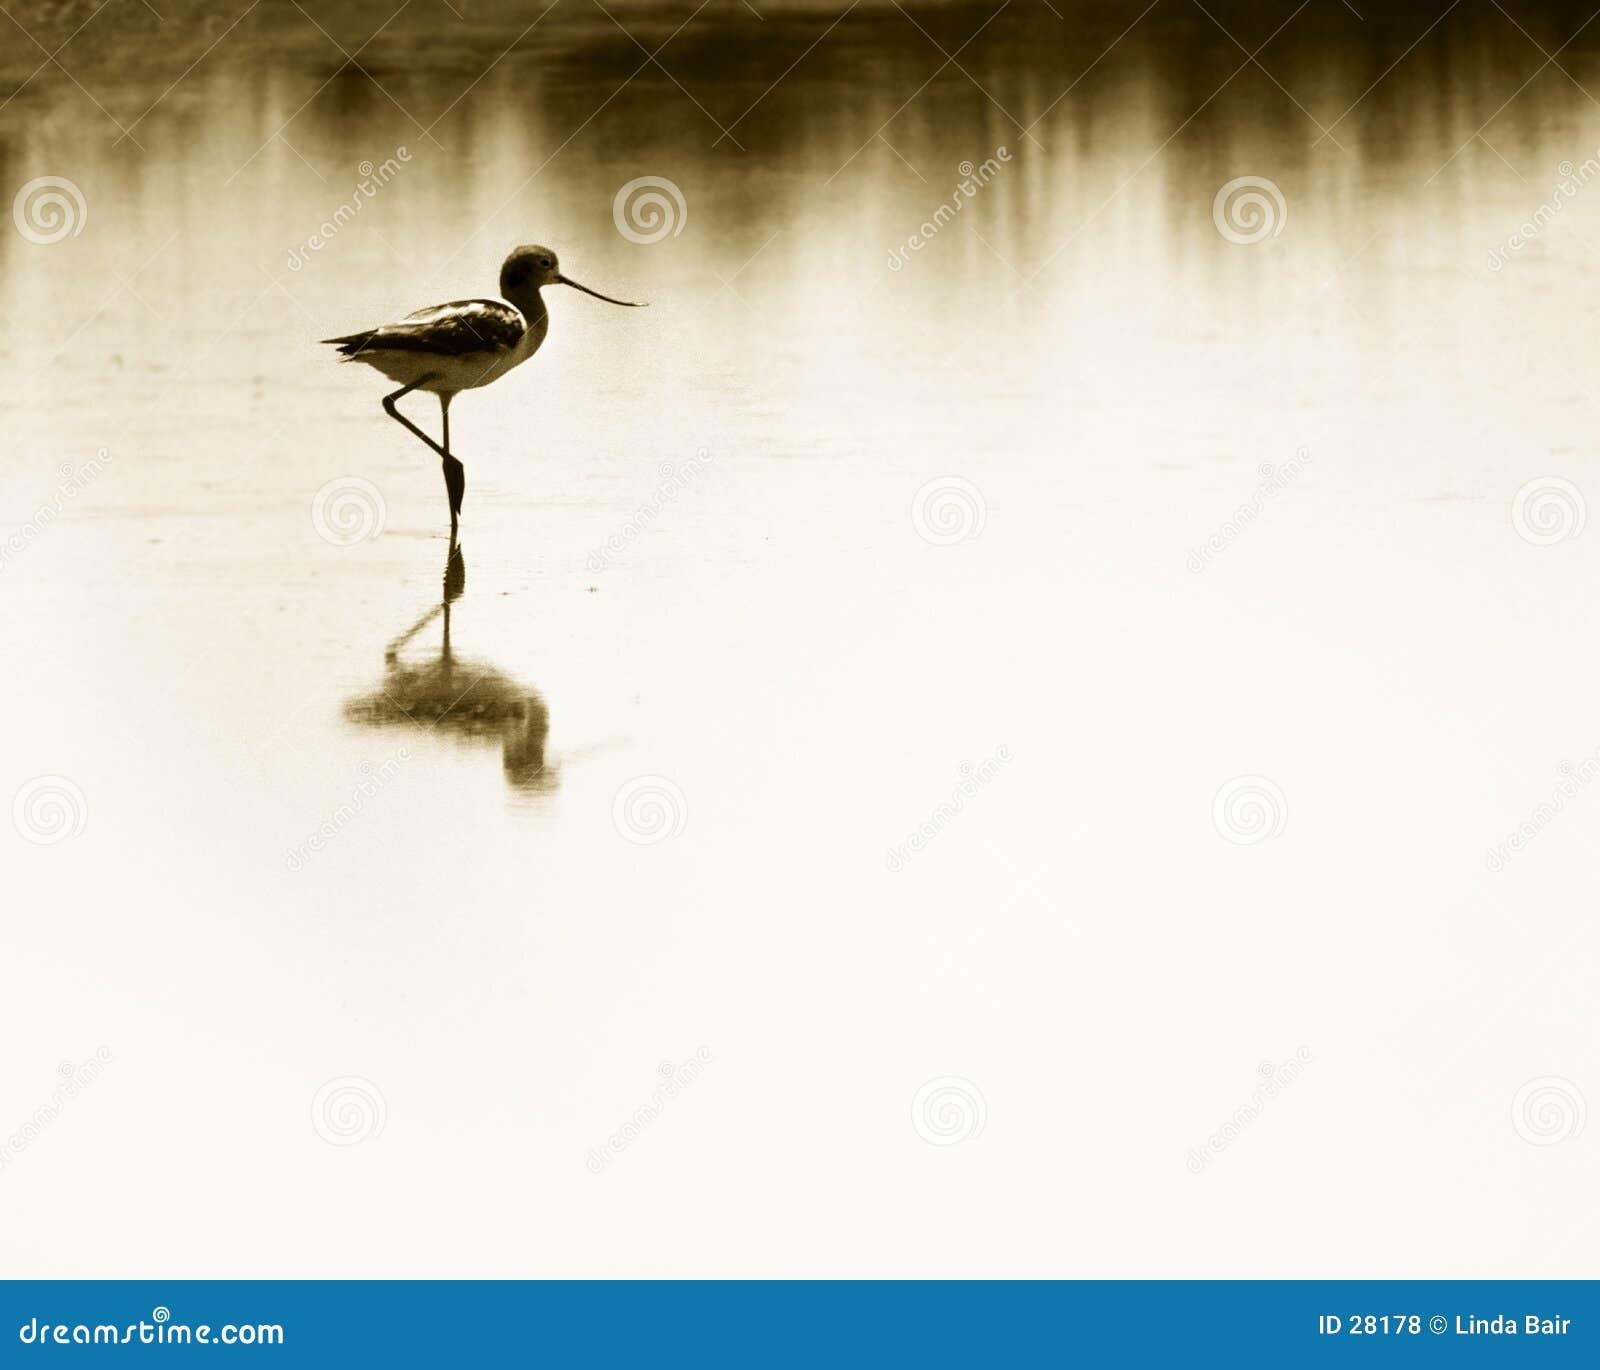 Avocet Wading Wetlands